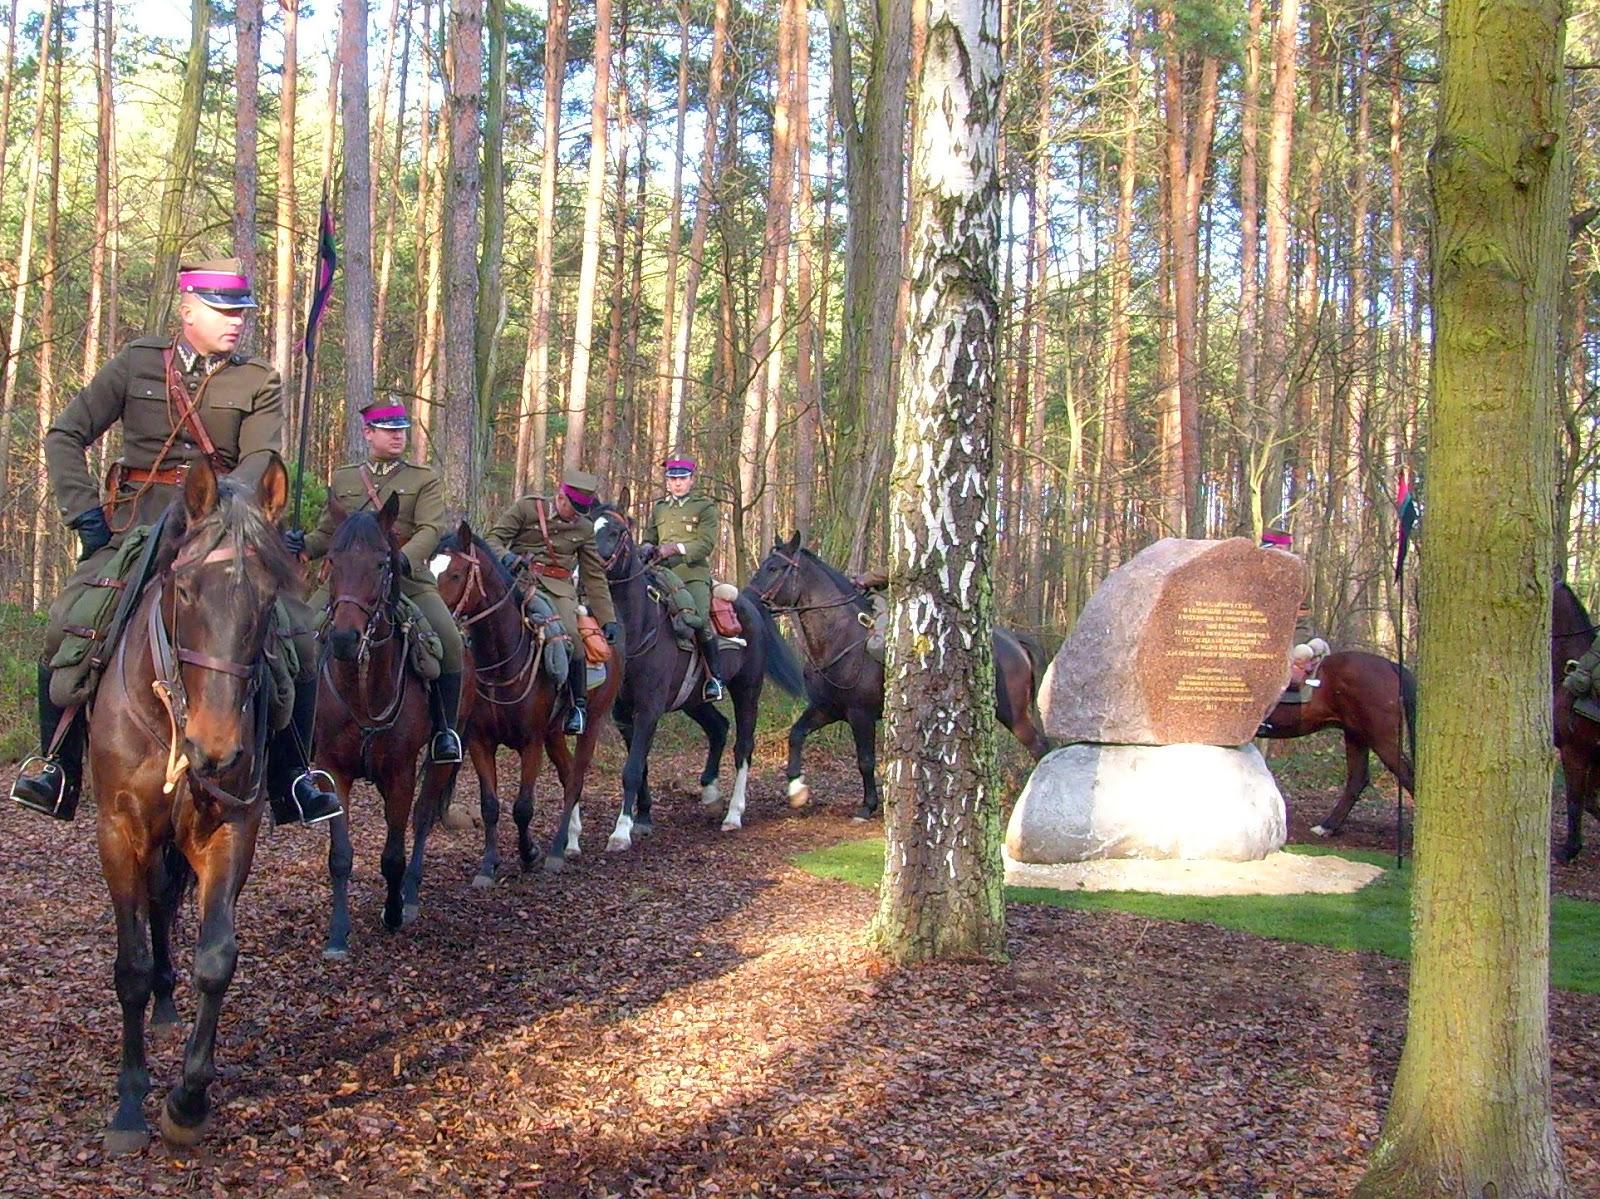 Ceteń, ułani przy pomniku. Fotografię udostępniło Stowarzyszenie Ułanów im. OWWP majora Hubala z Poświętnego.